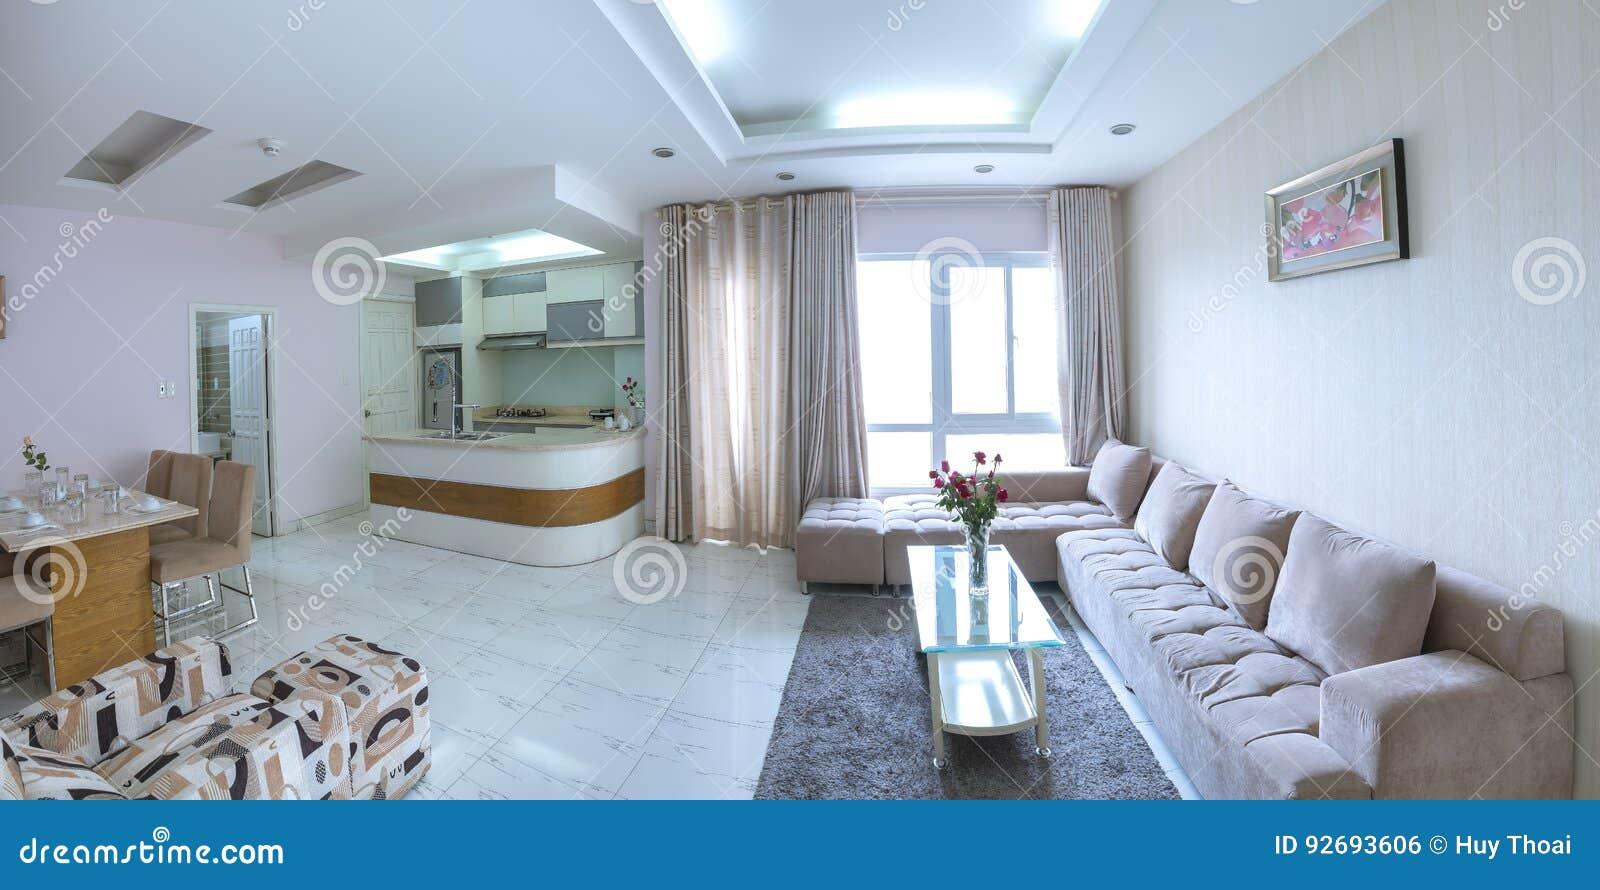 wohnzimmer mobel kombinieren, moderne artwohnung kombiniert wohnzimmer, esszimmer, großer raum, Ideen entwickeln